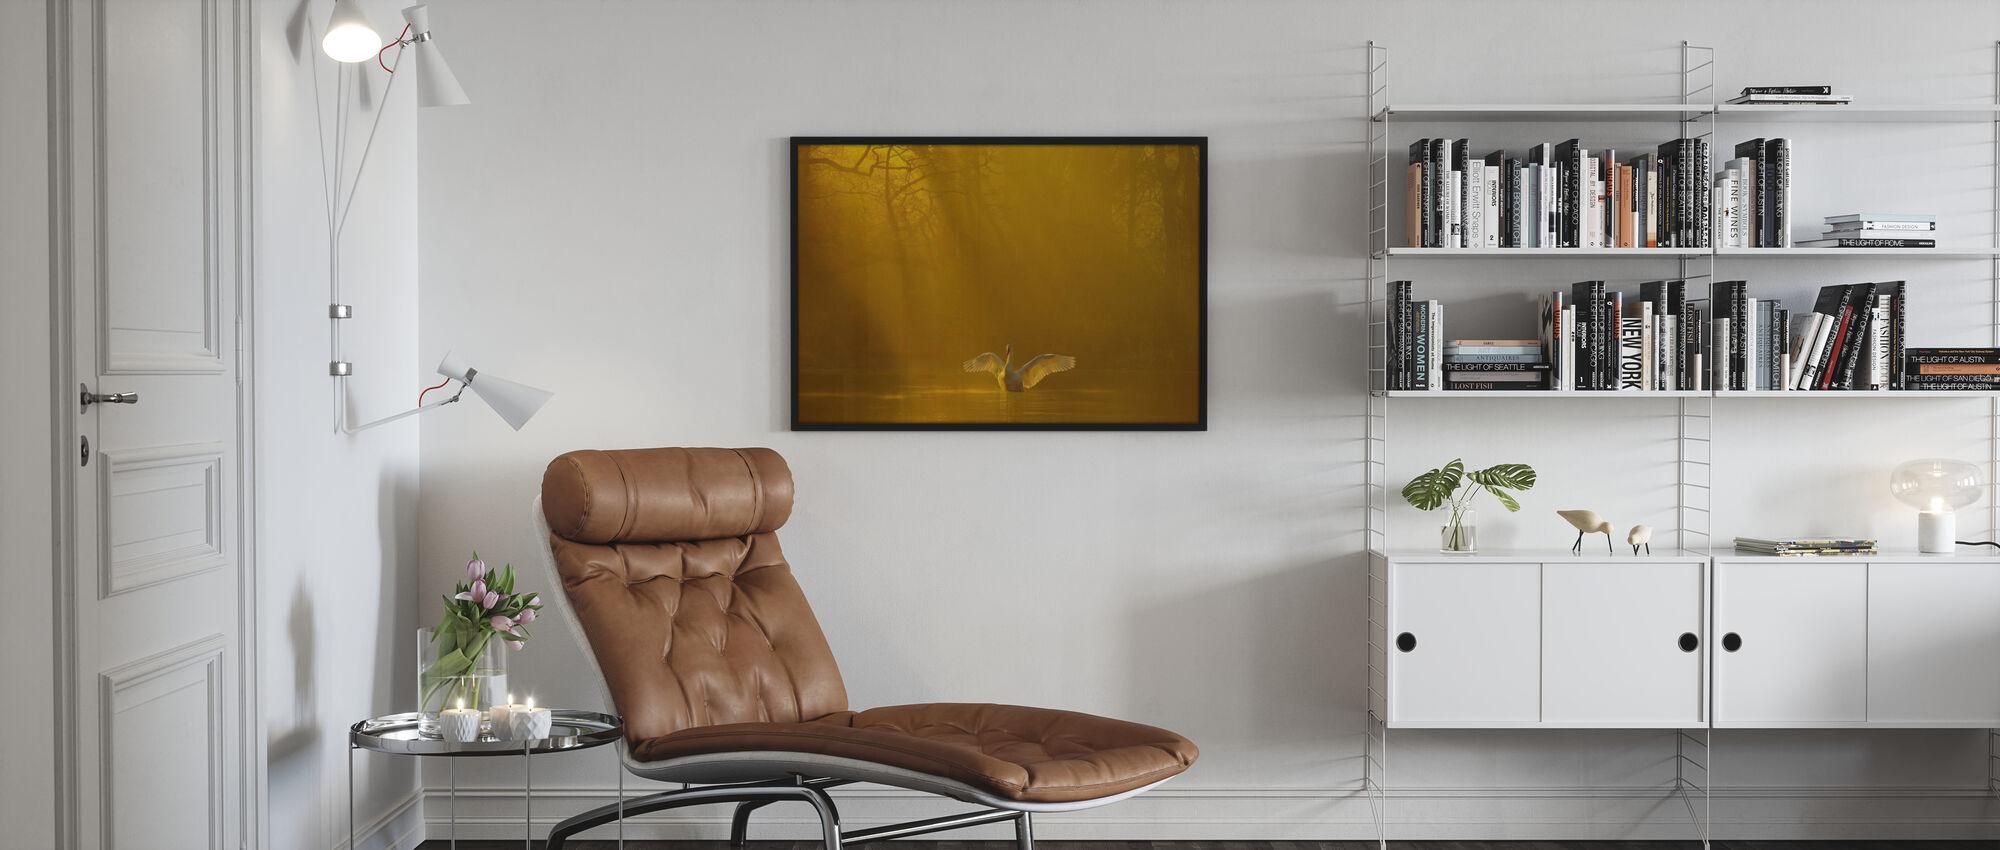 Golden Swan Lake - Poster - Living Room